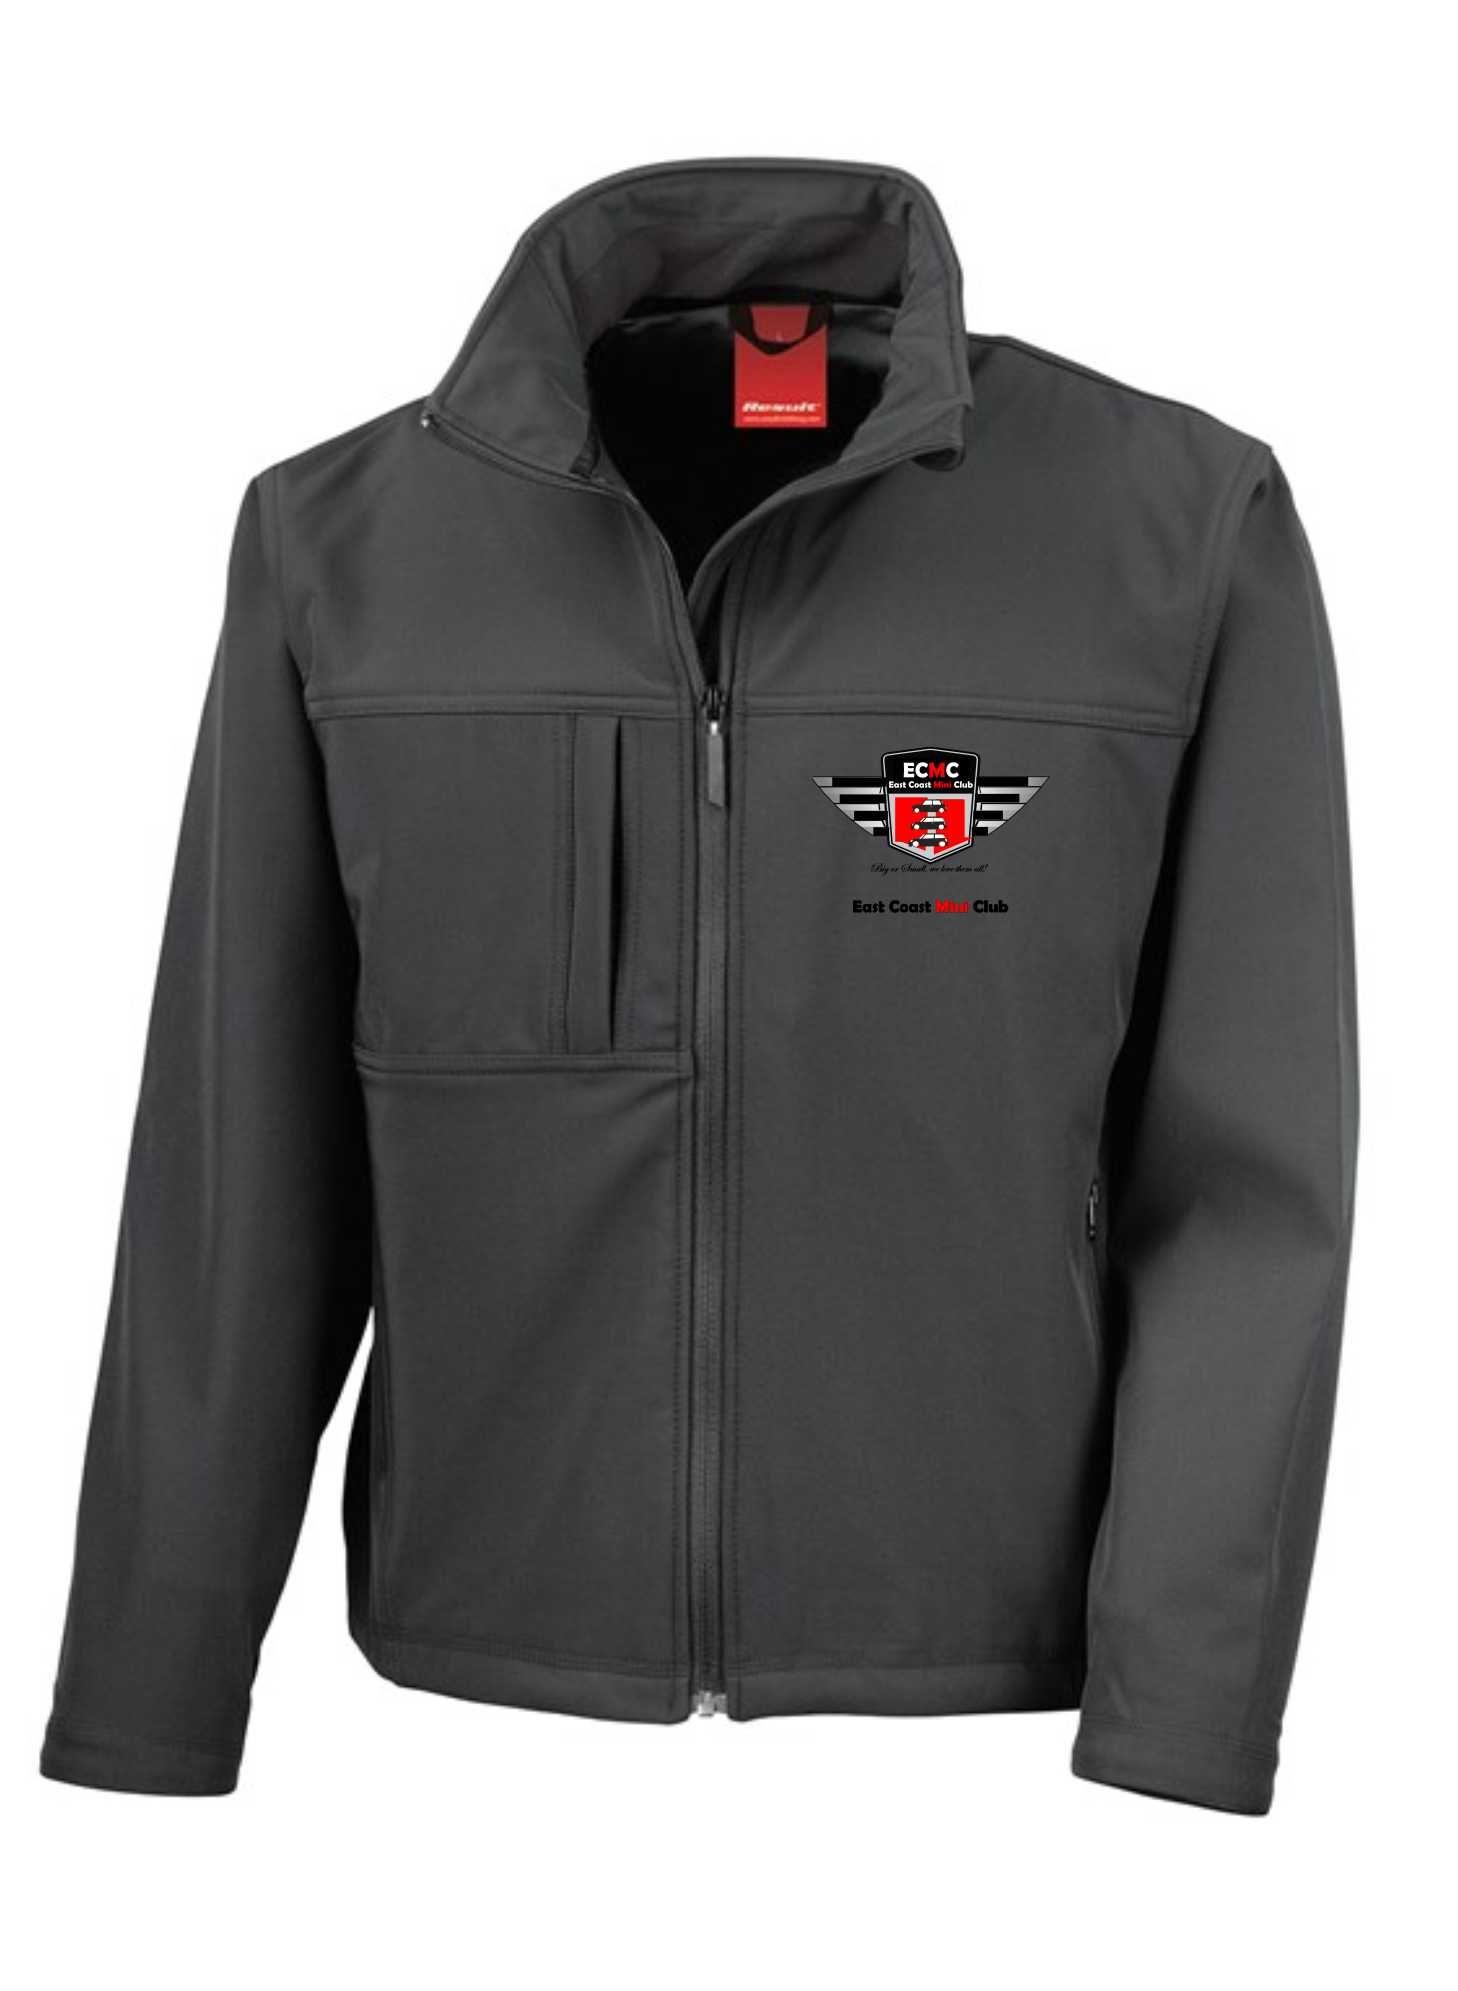 East Coast Mini Club – Premium Softshell Jacket (Unisex)